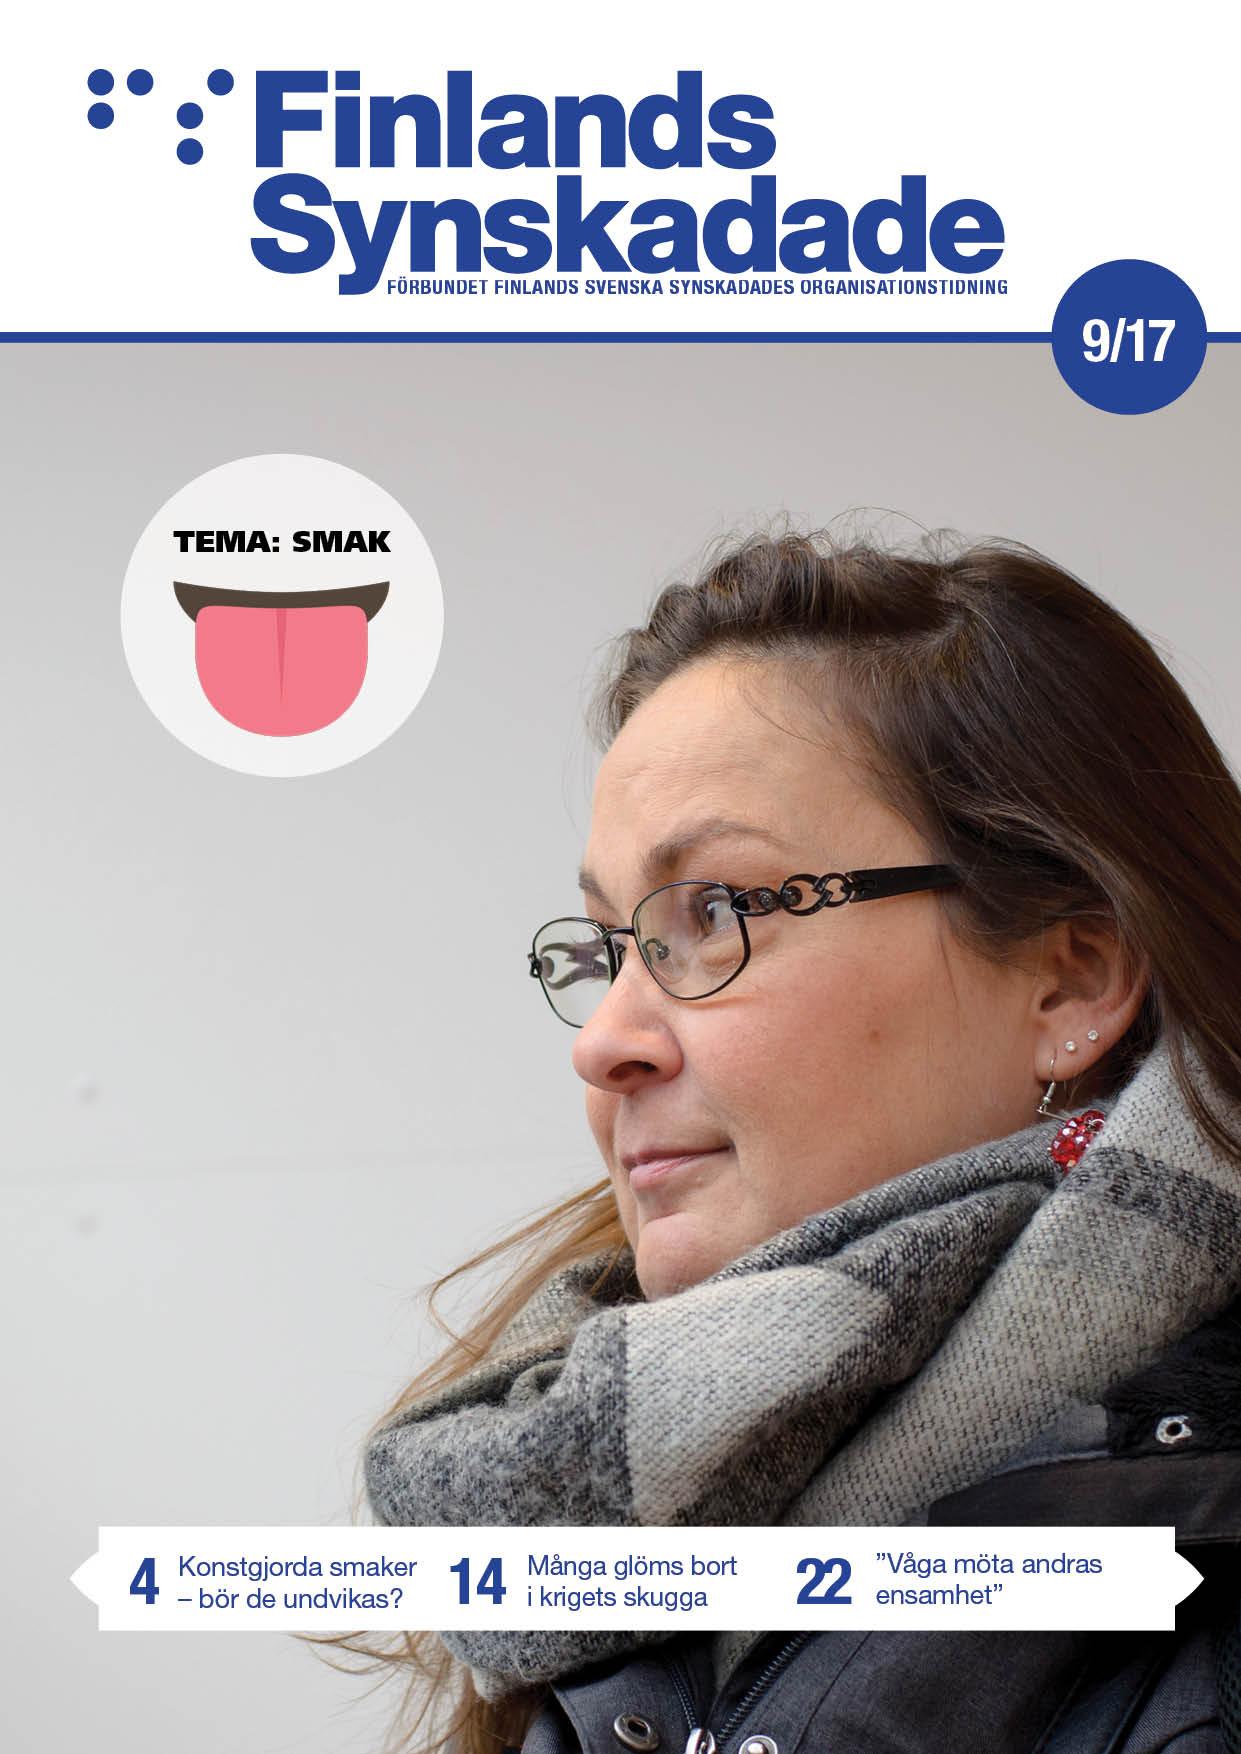 En brunhårig kvinna med stor grå skarf och glasögon tittar ut till vänster i bild.